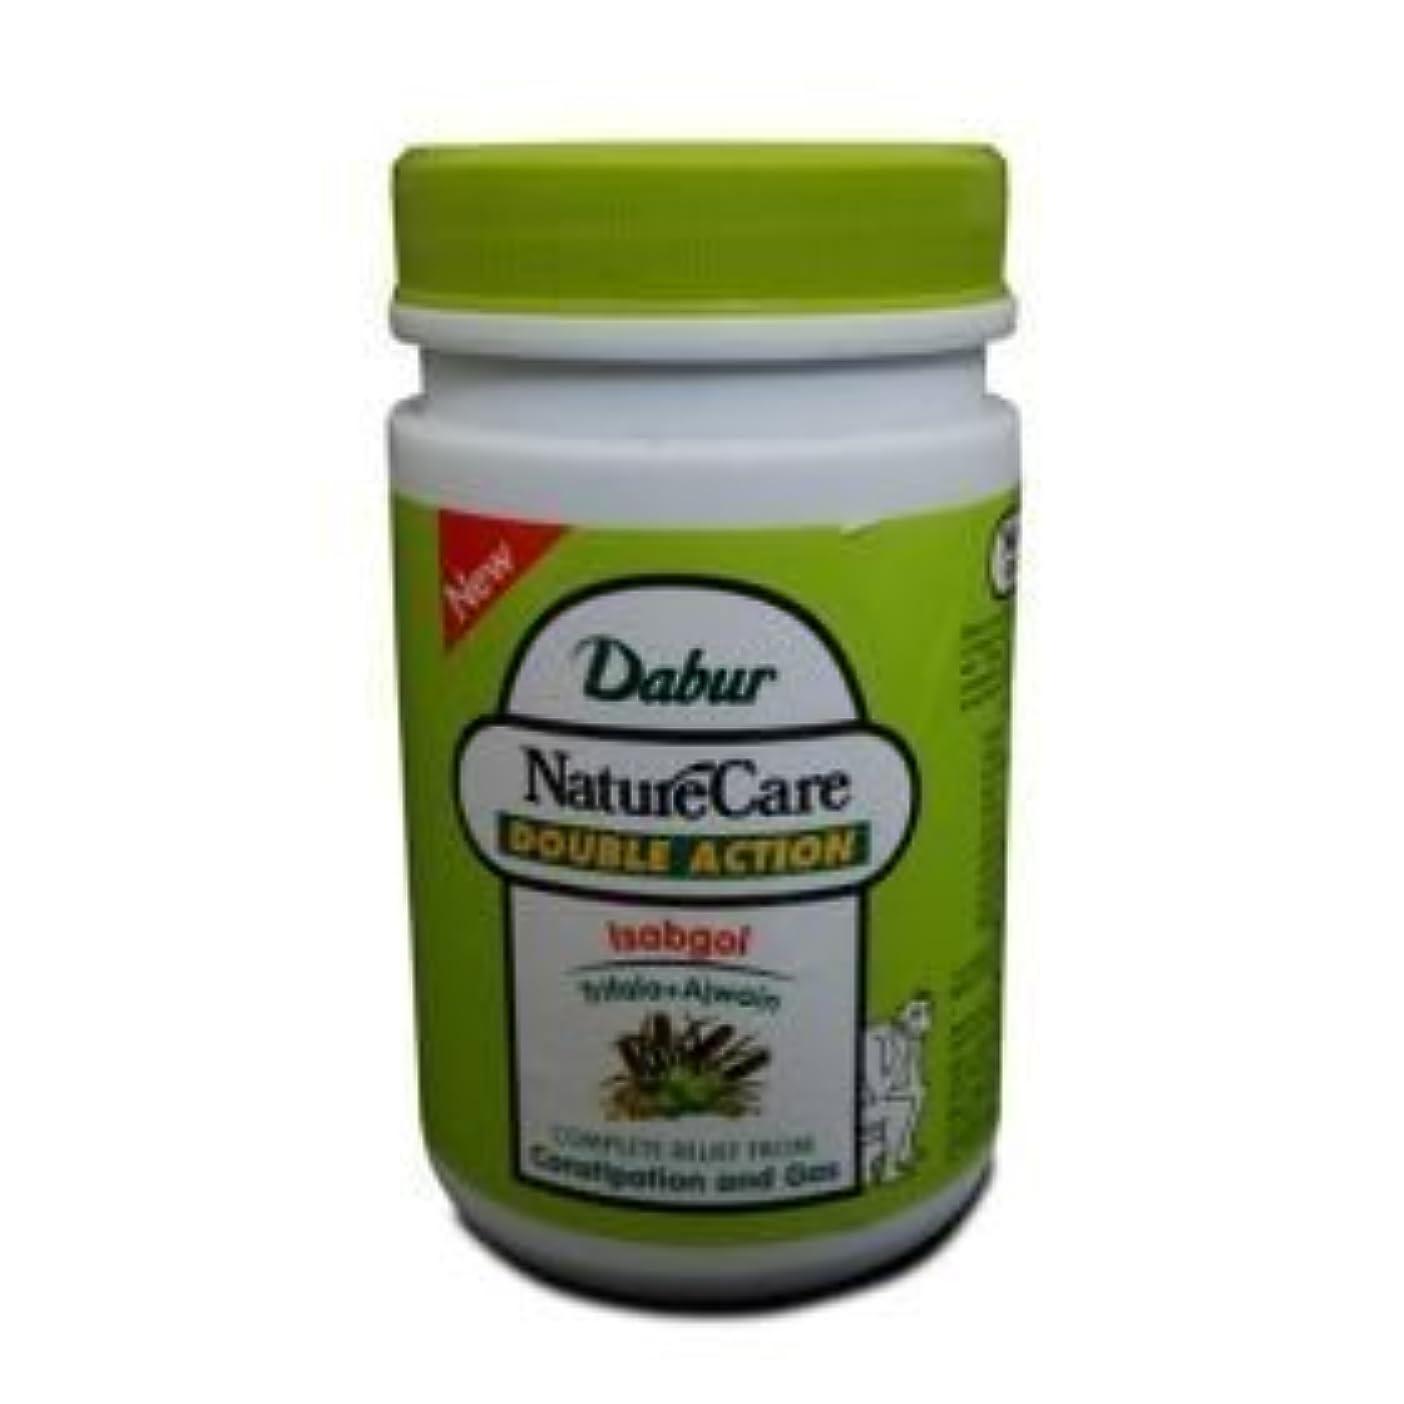 荒野先生カプセルDabur Naturecare Double Action Isabgol Husk Effective Relief From Gas,constipation 100 Grams by Dabur [並行輸入品]